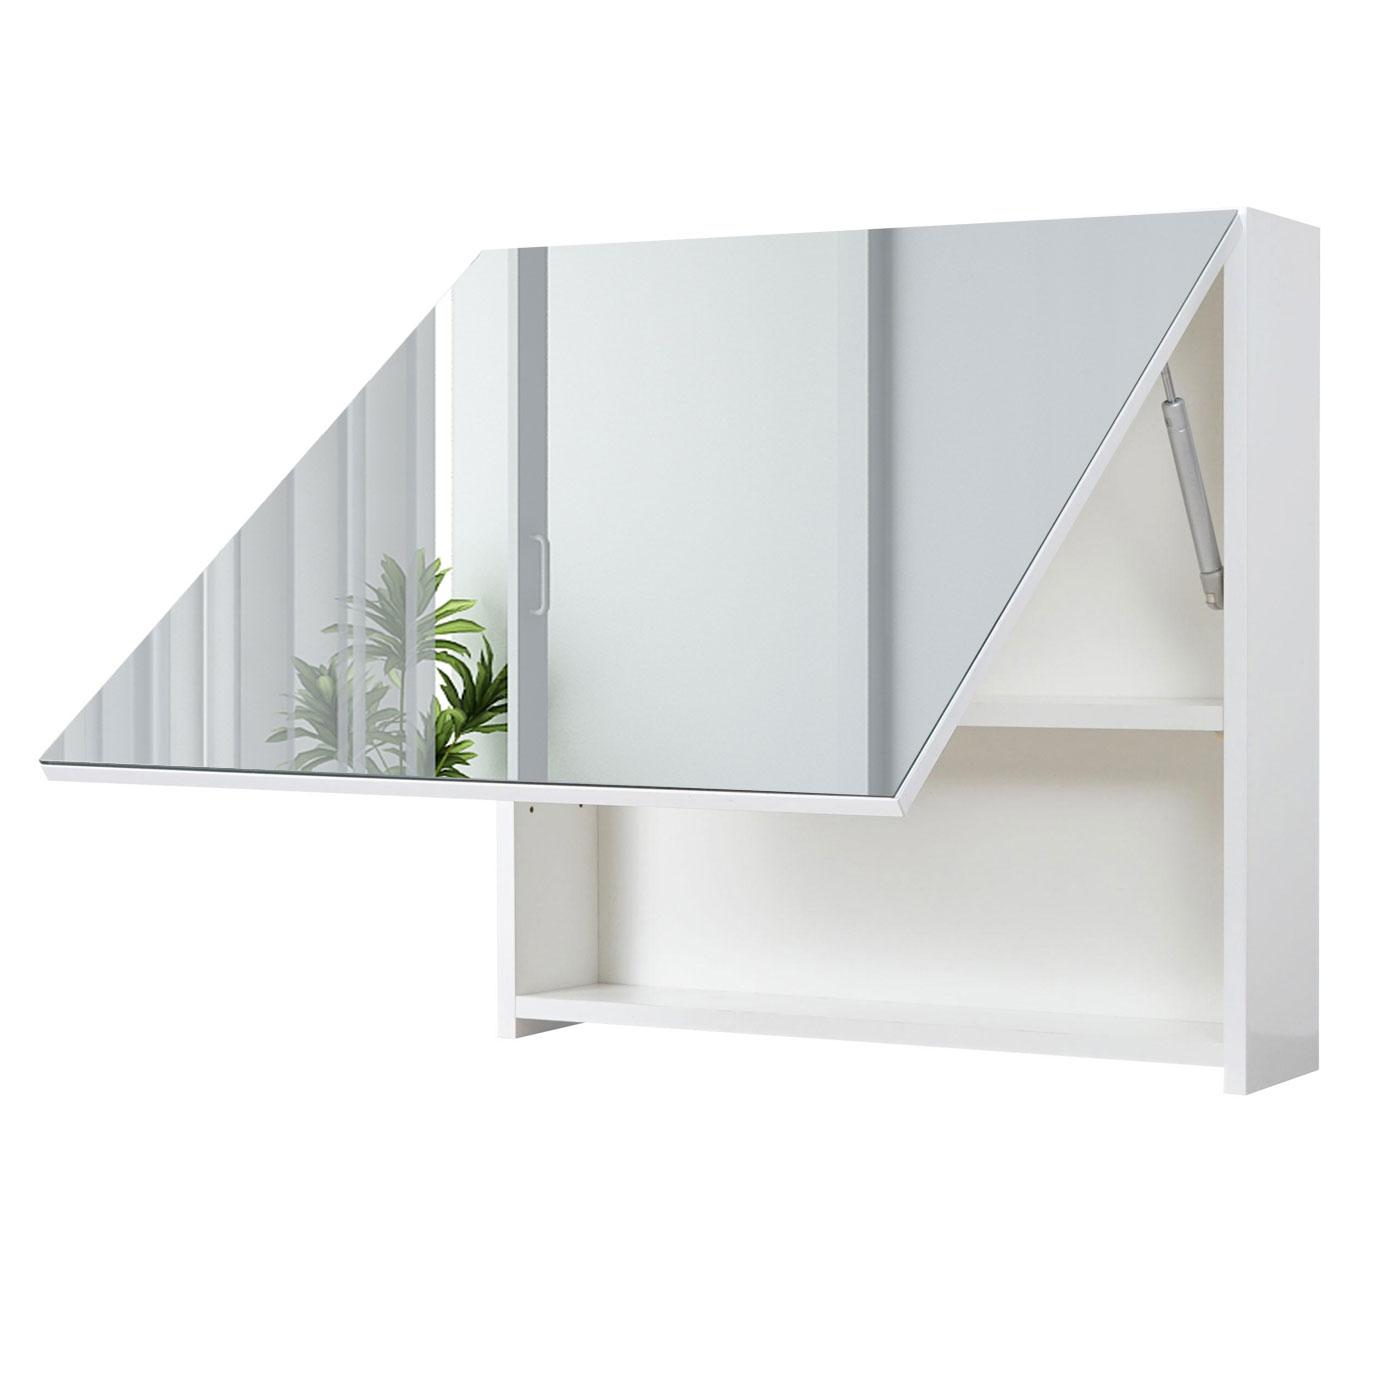 Spiegelschrank hwc c11 wandspiegel badspiegel badezimmer for Wandspiegel badspiegel